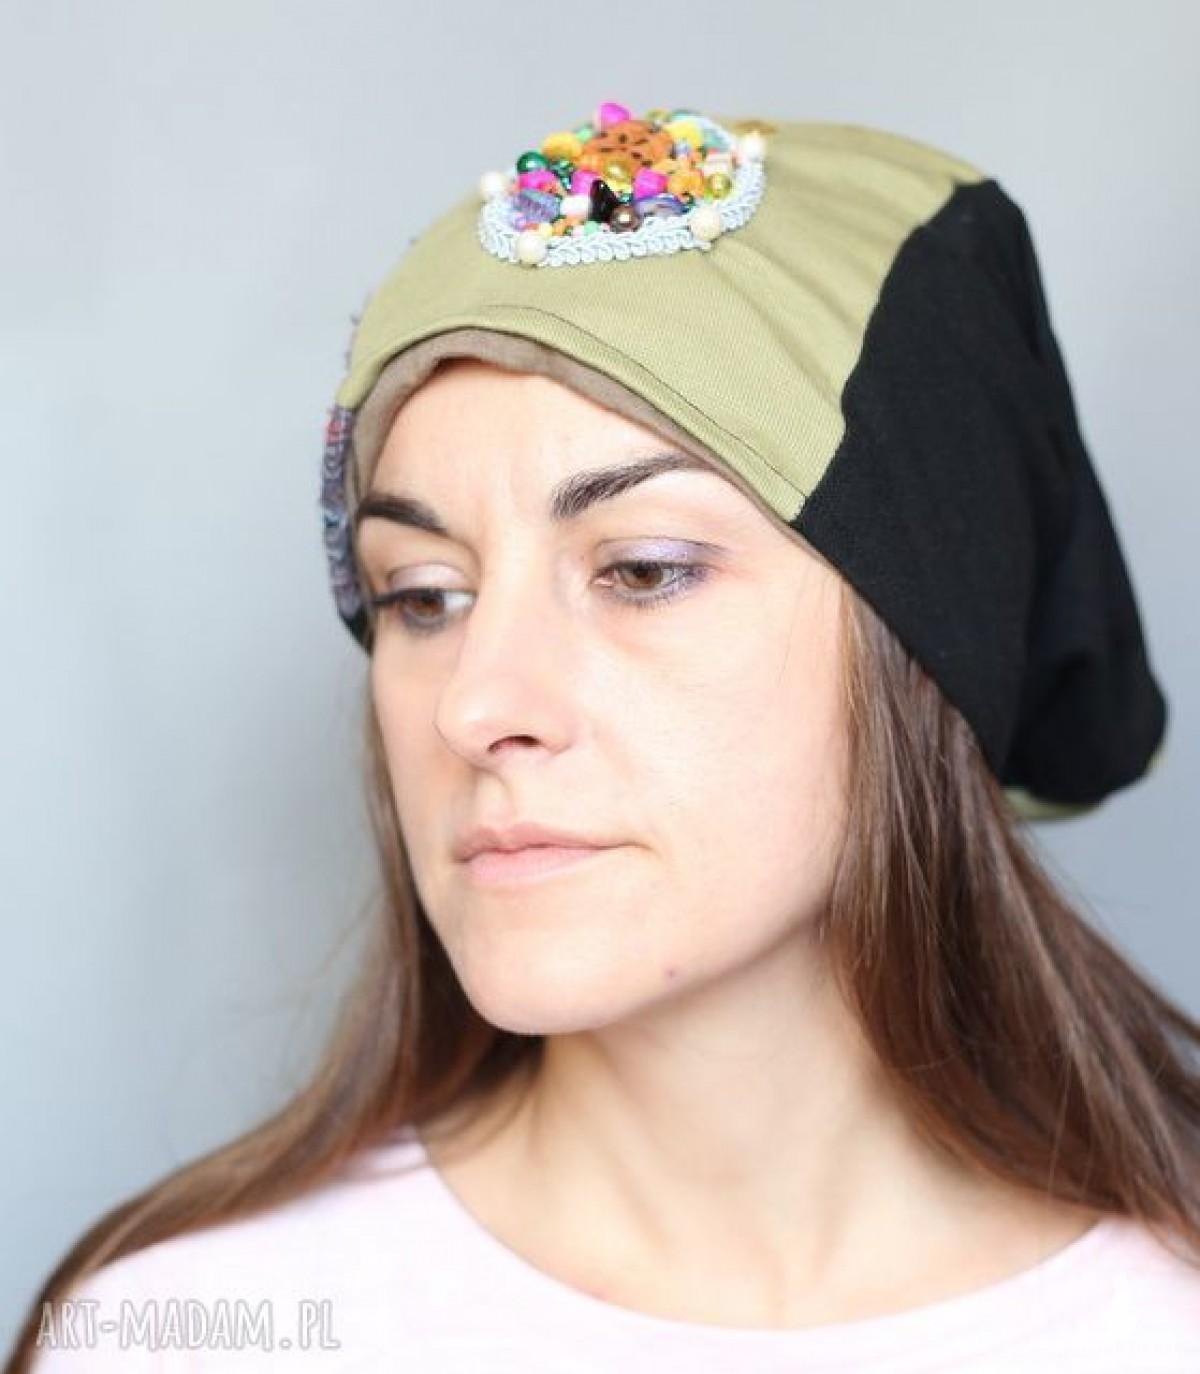 czapka damska wyszywana w stylu boho